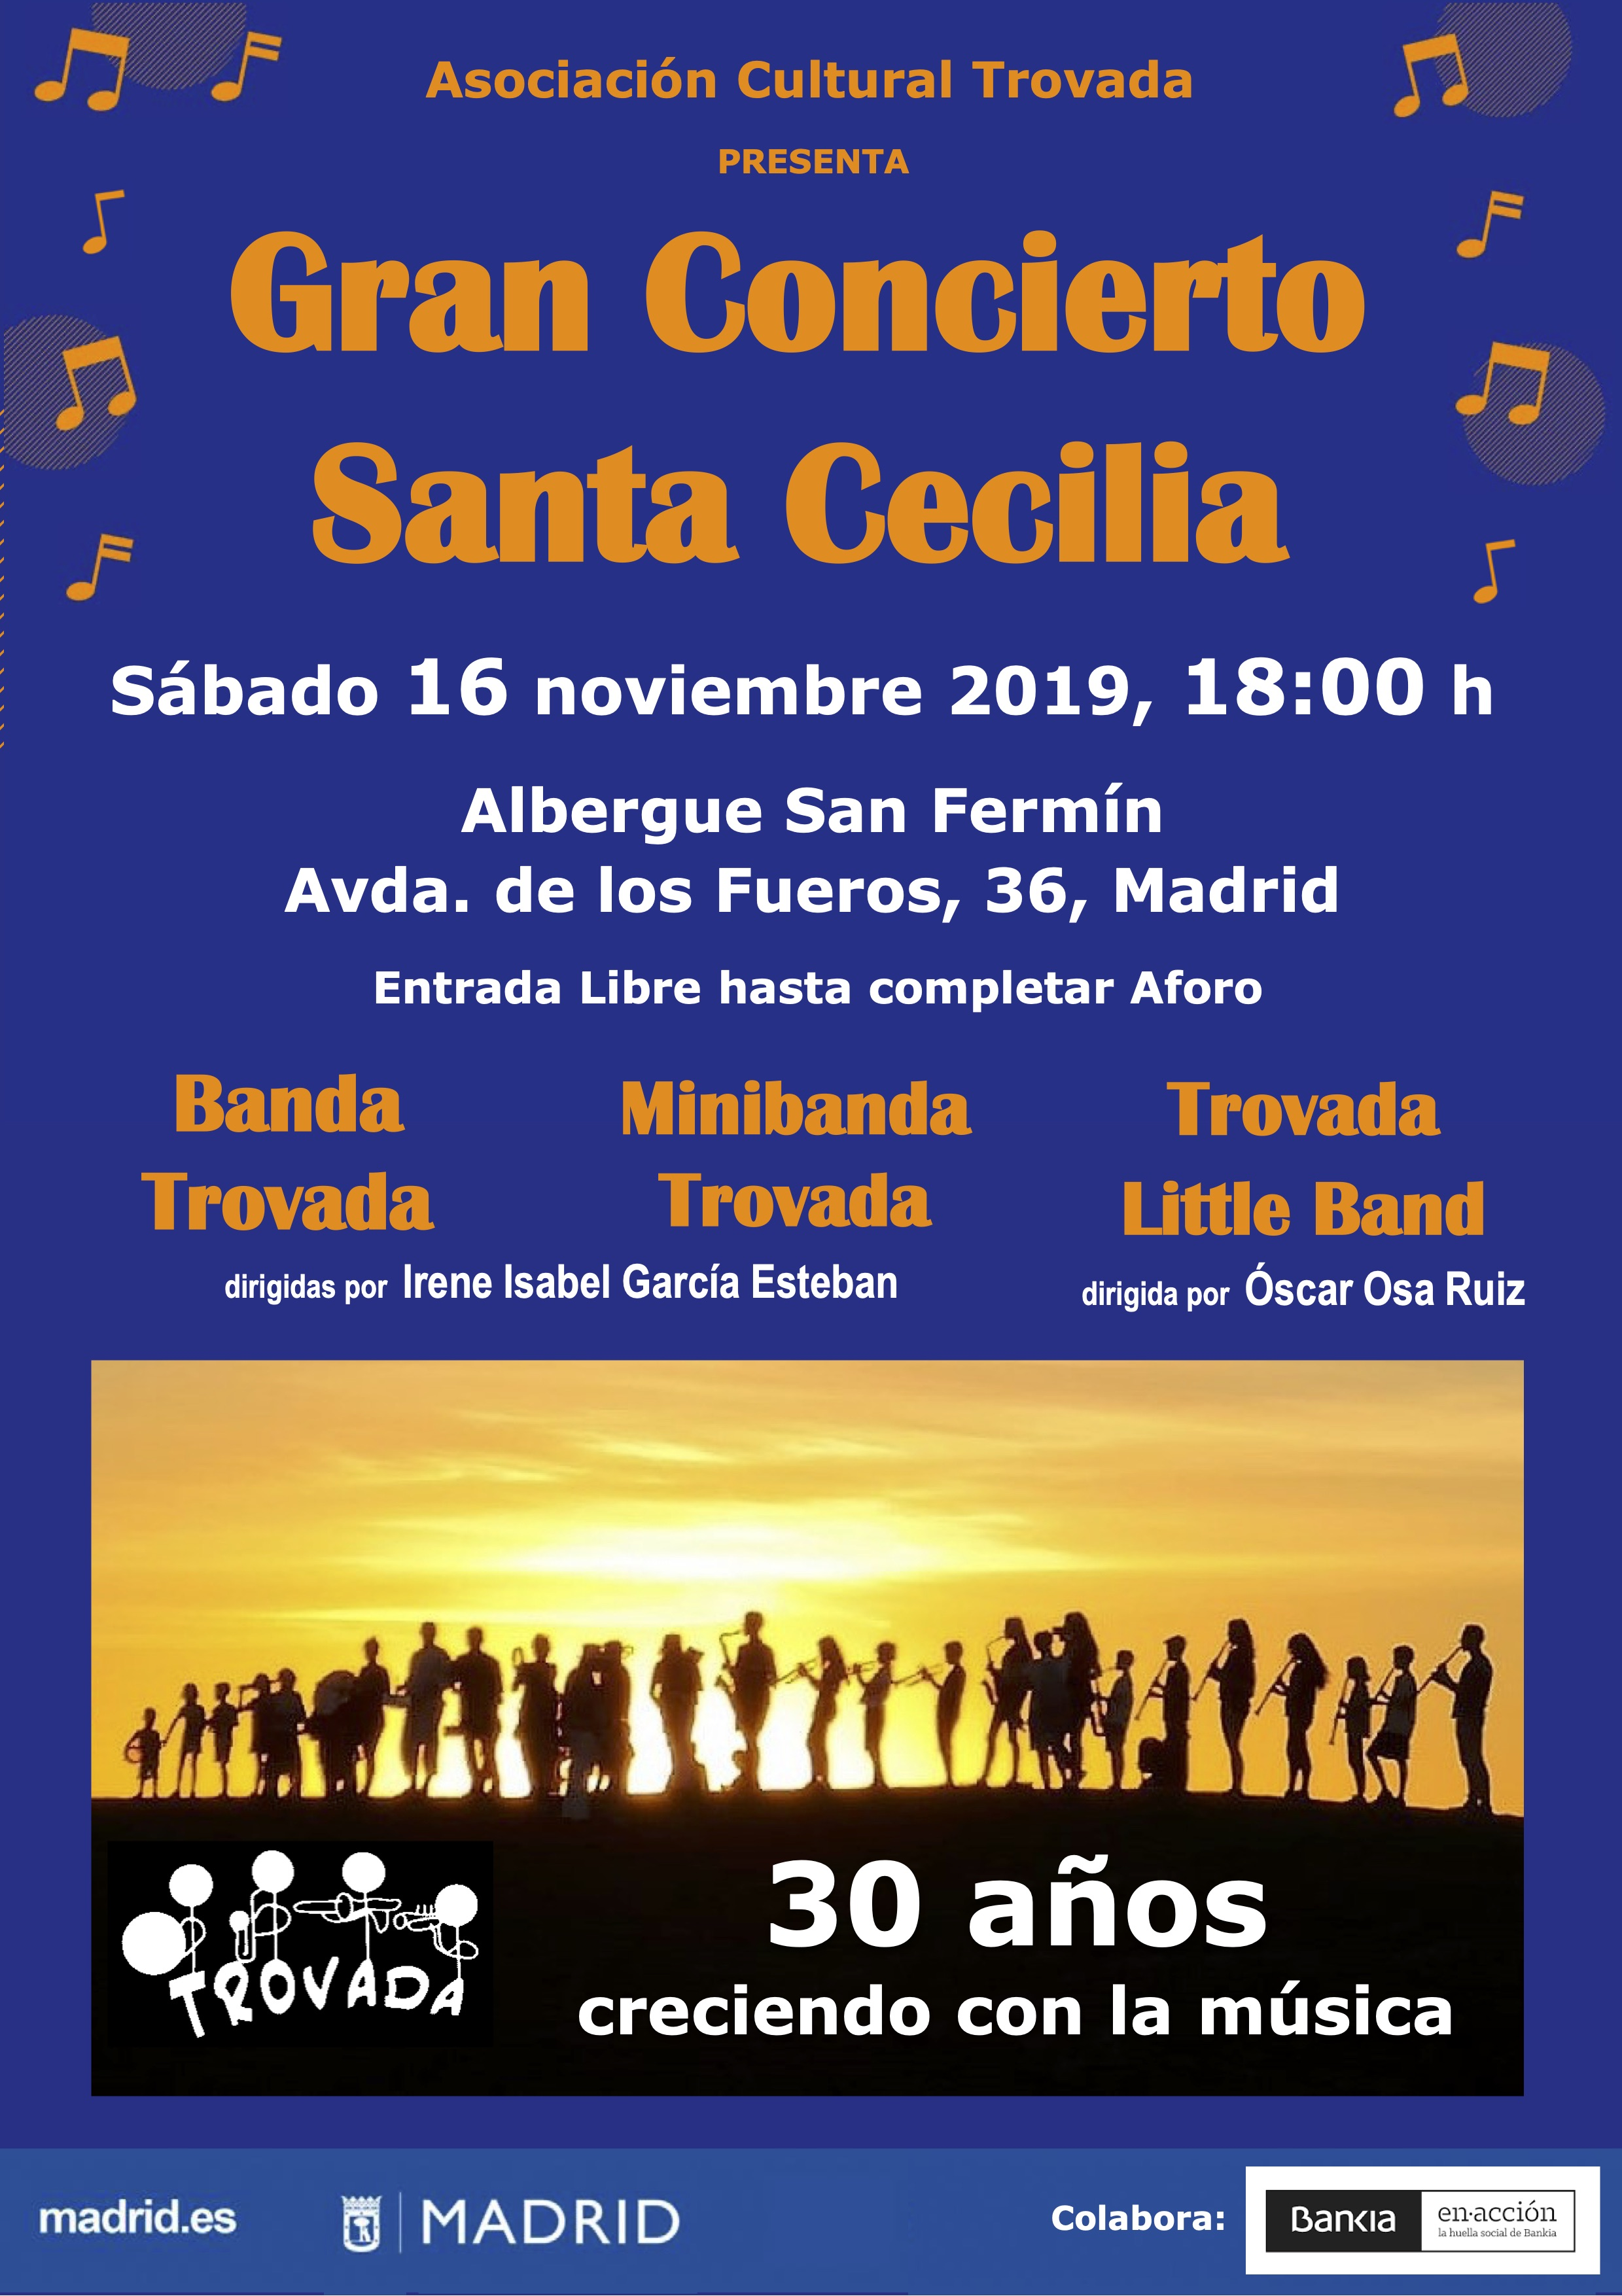 """Gran Concierto de Santa Cecilia por las Bandas musicales de la Asociación Cultural """"TROVADA"""". Sábado 16 de Noviembre."""